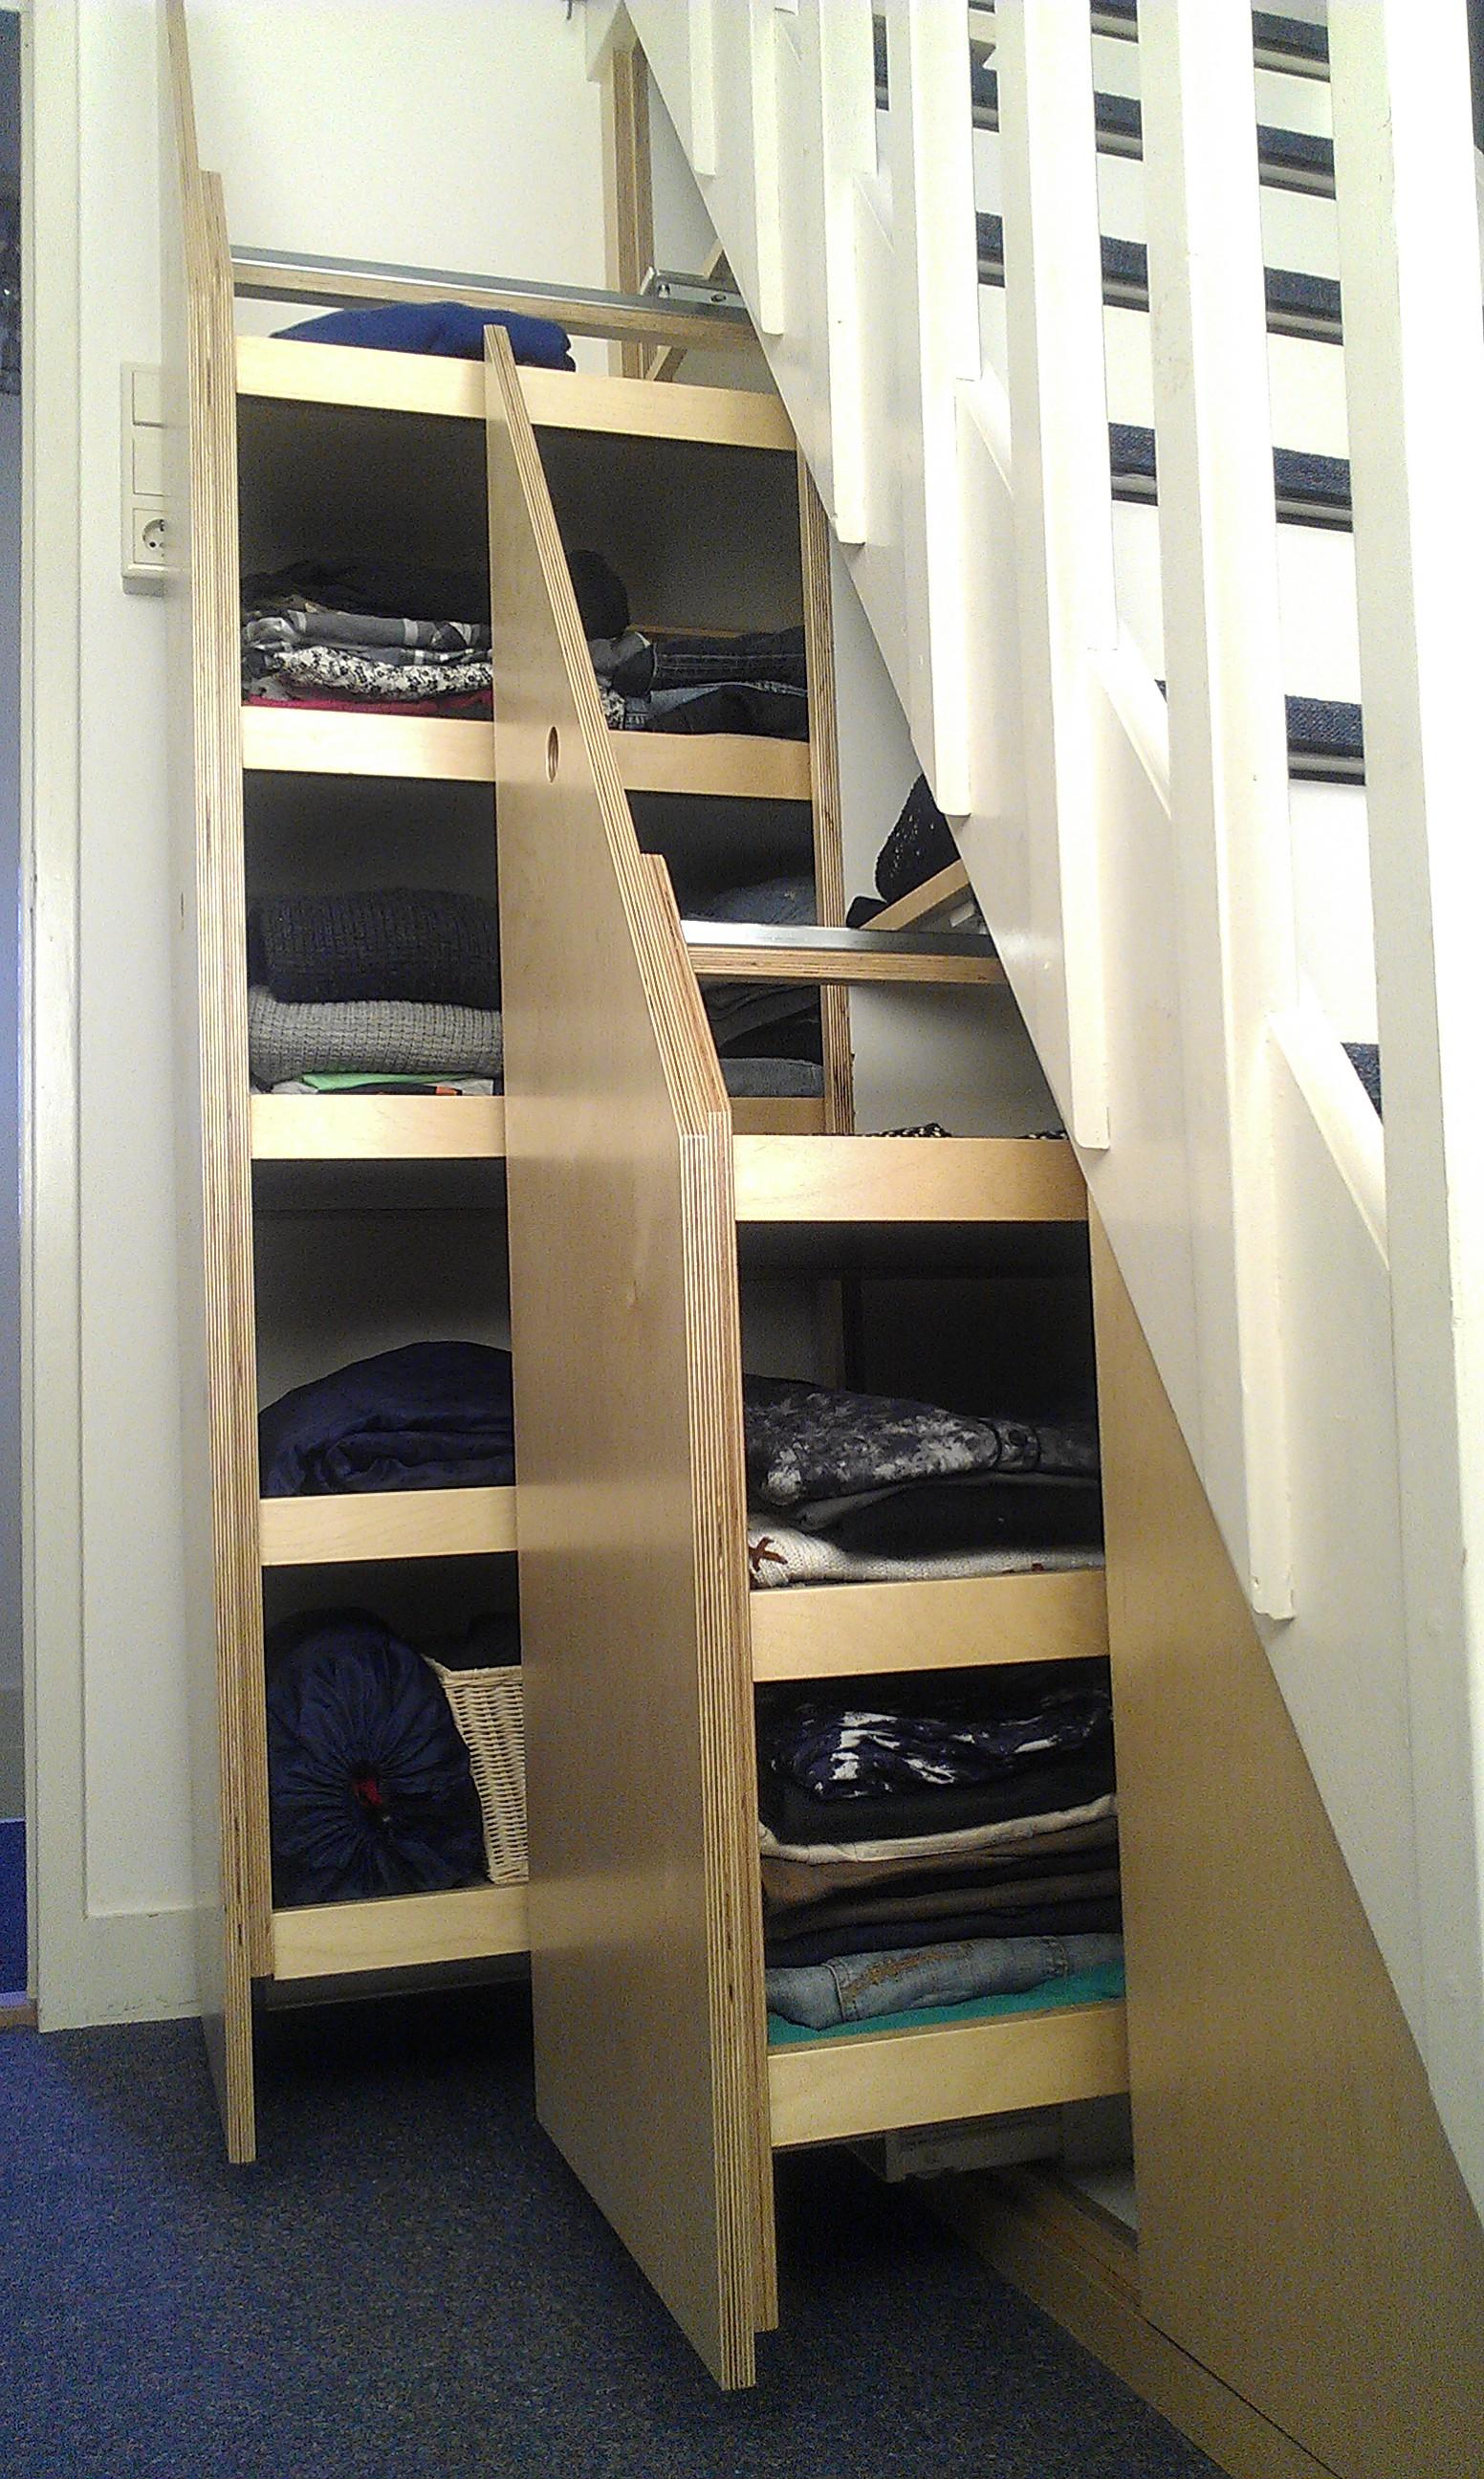 Kast onder trap bert weitering - De trap van de bistro ...